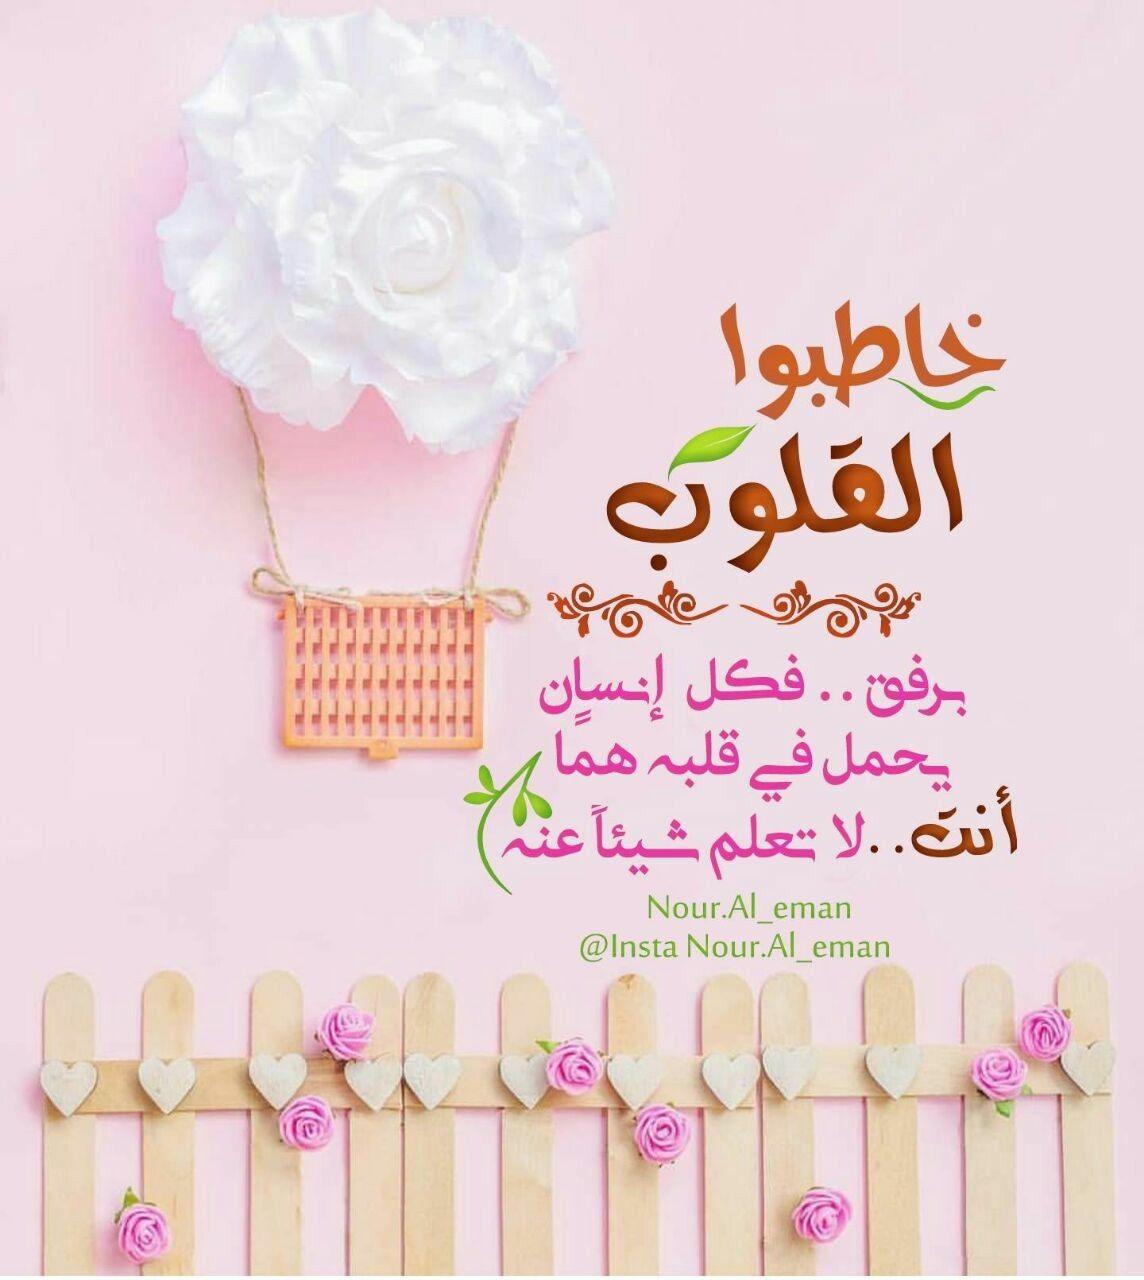 بالعربى عربى مصر حب فيسبوك تصاميم كلمات Arabic